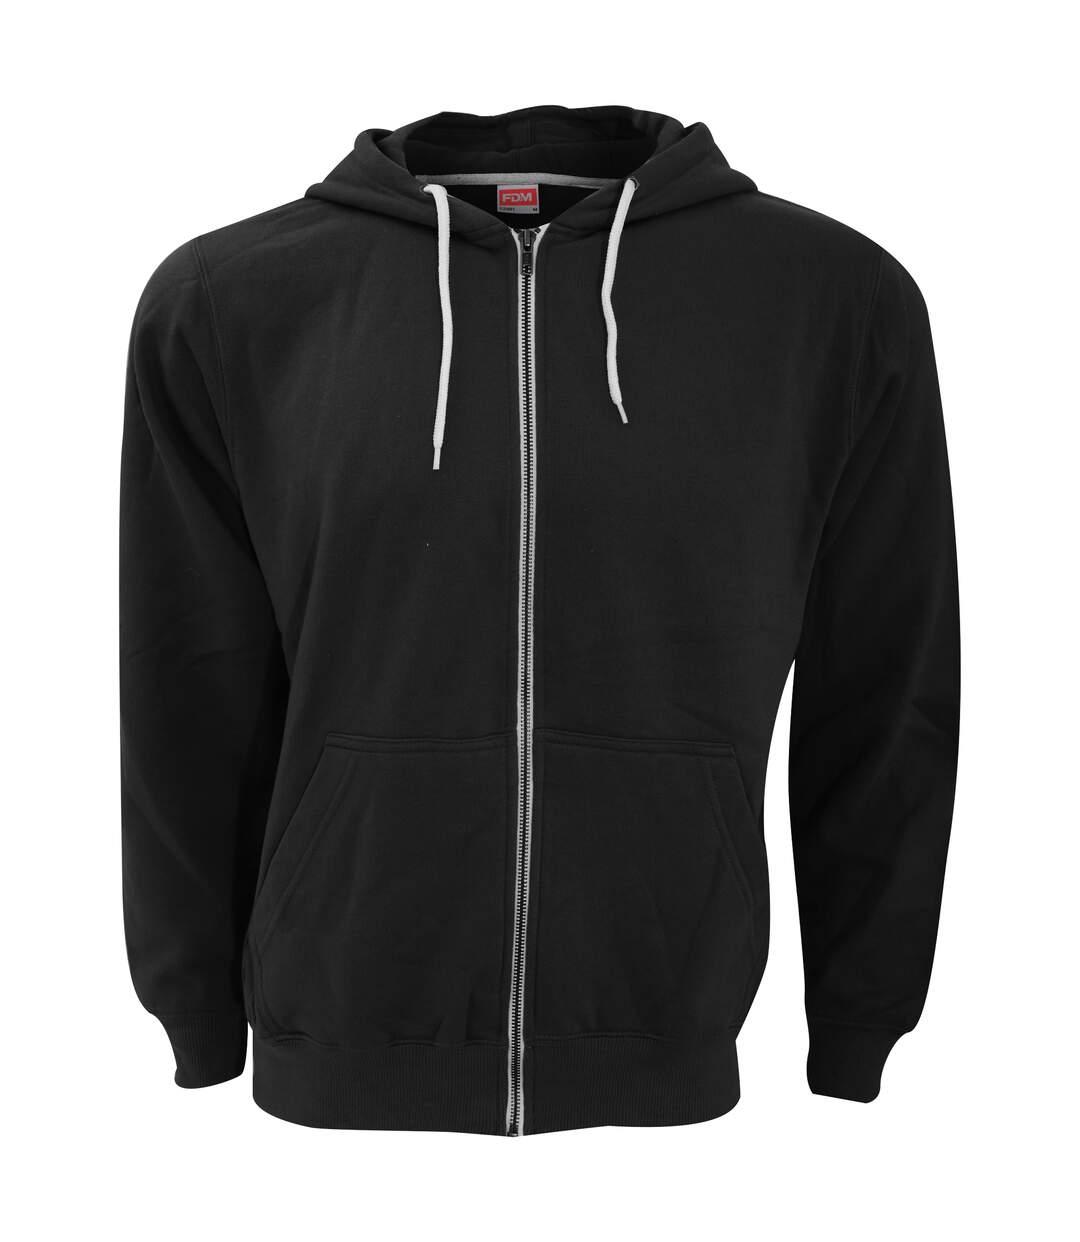 Fdm - Sweatshirt À Capuche Et Fermeture Zippée - Homme (Noir) - UTBC3184